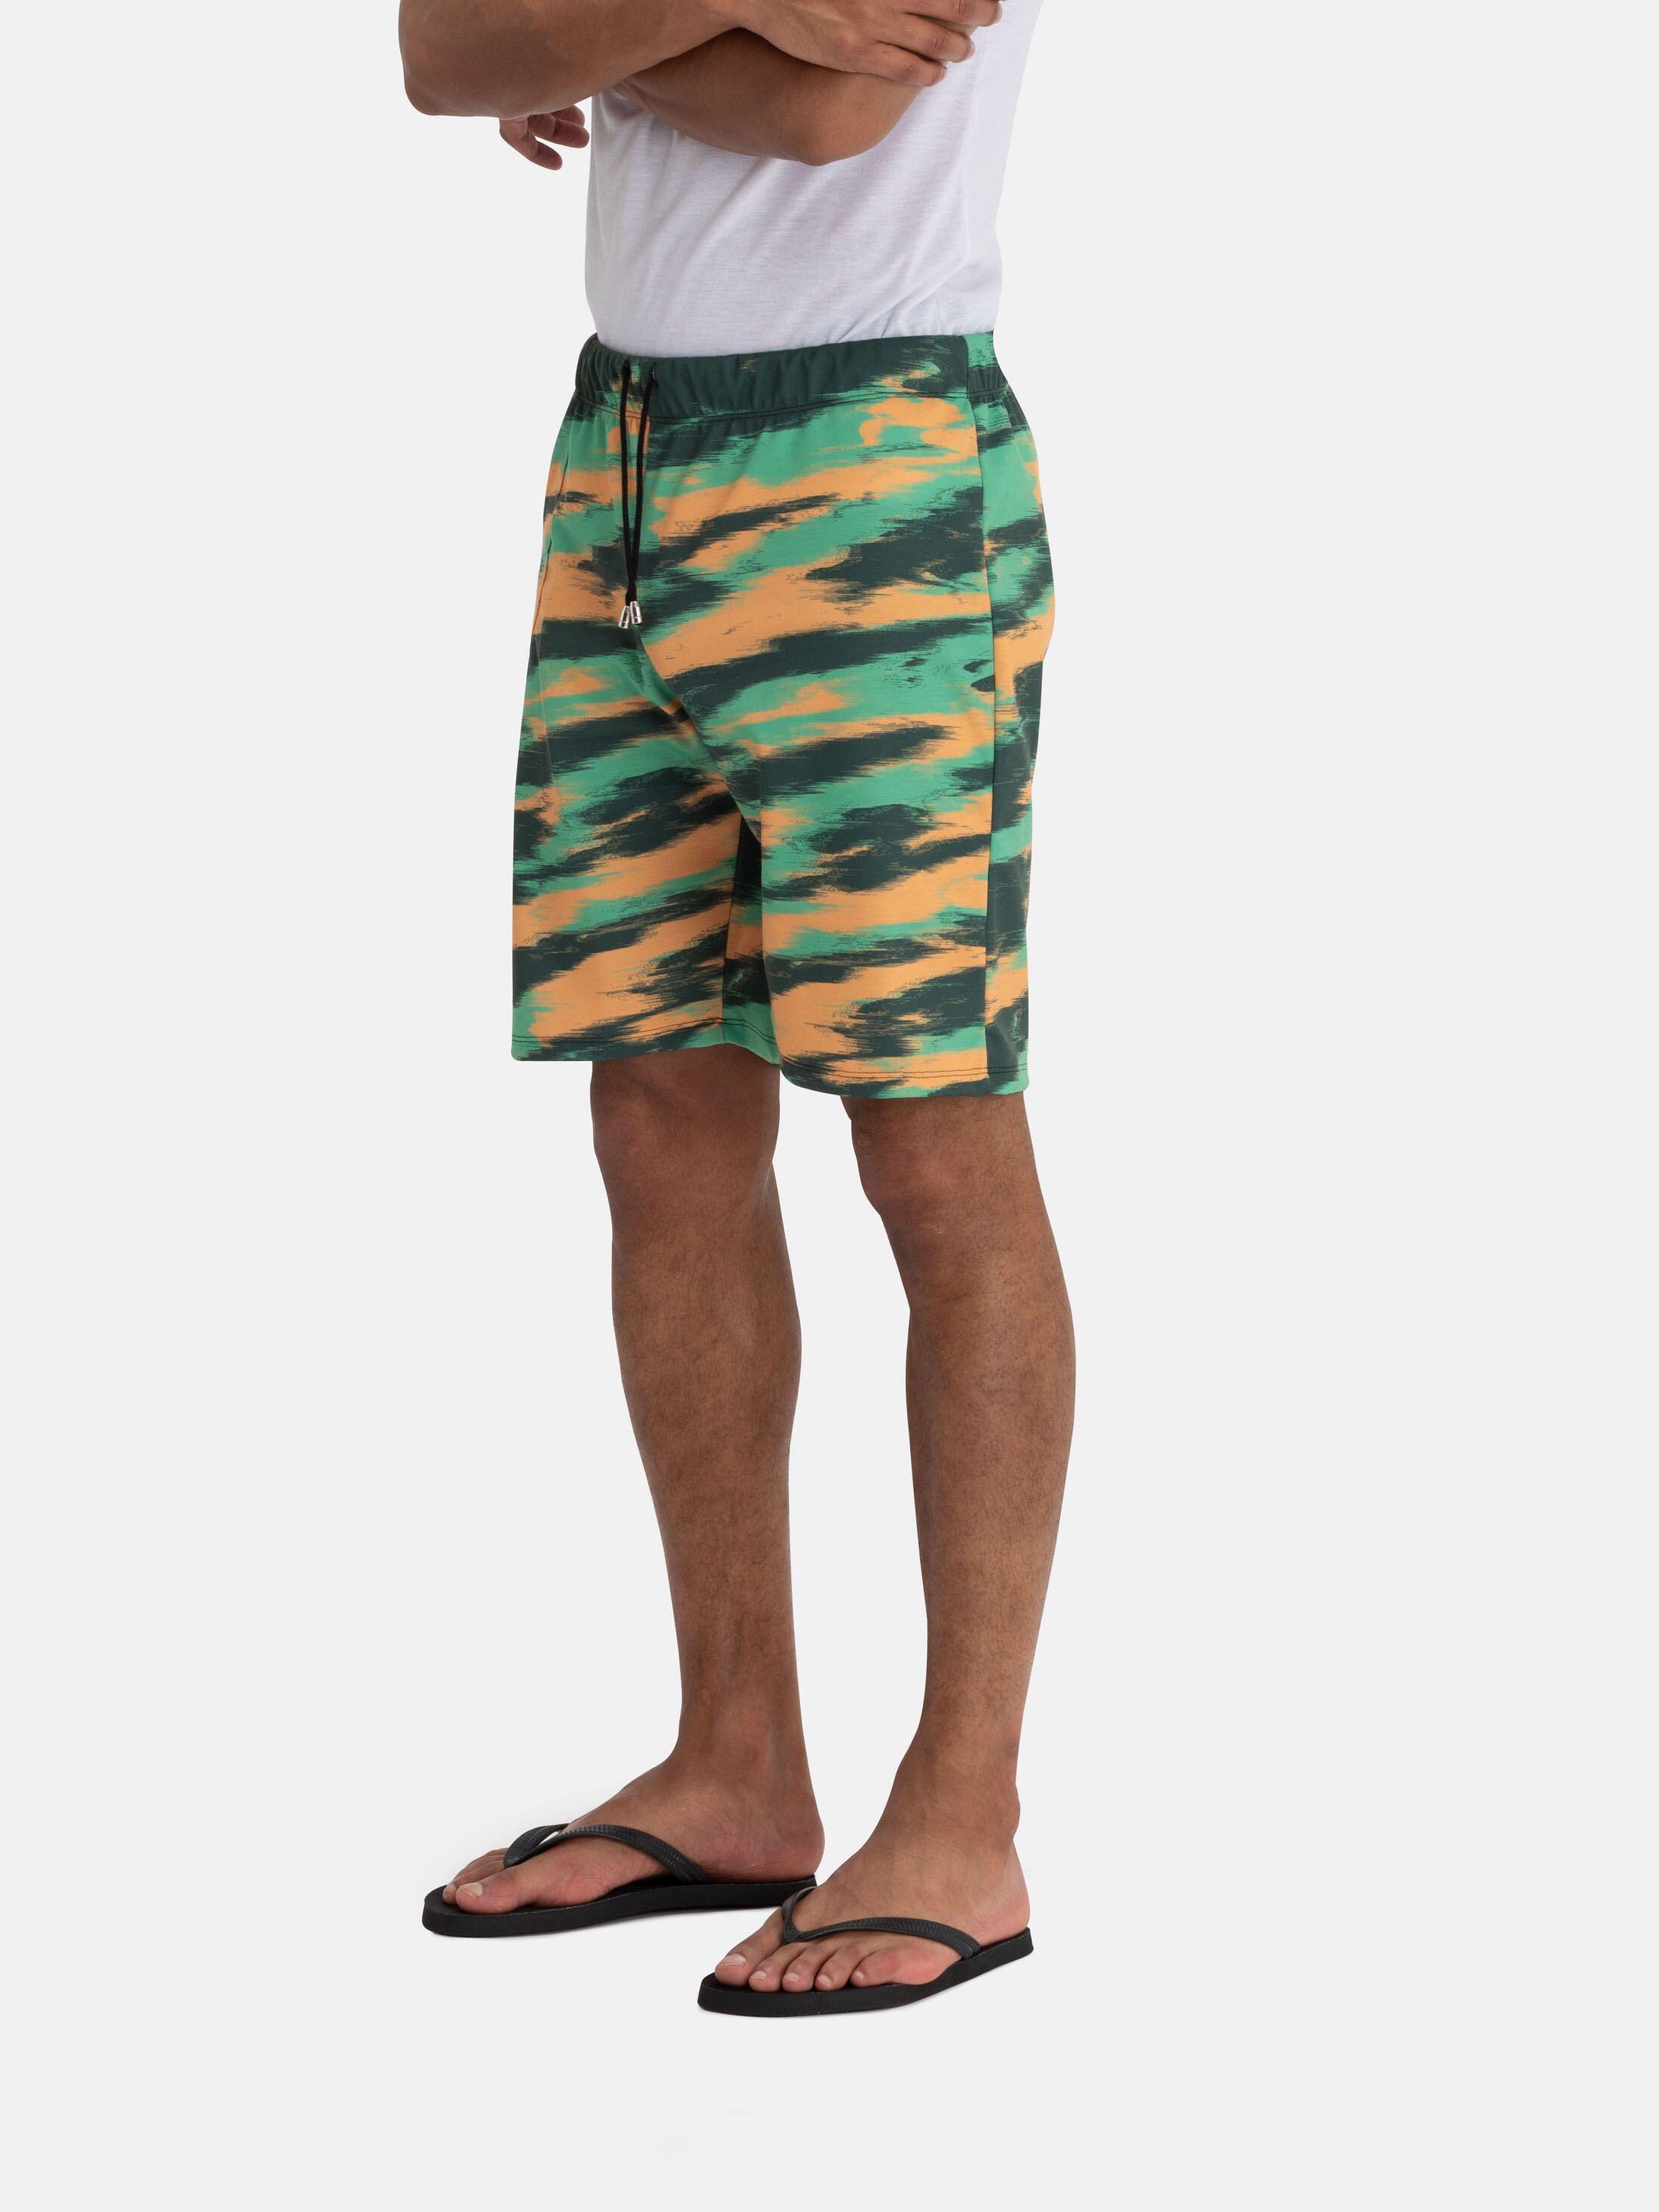 custom training shorts